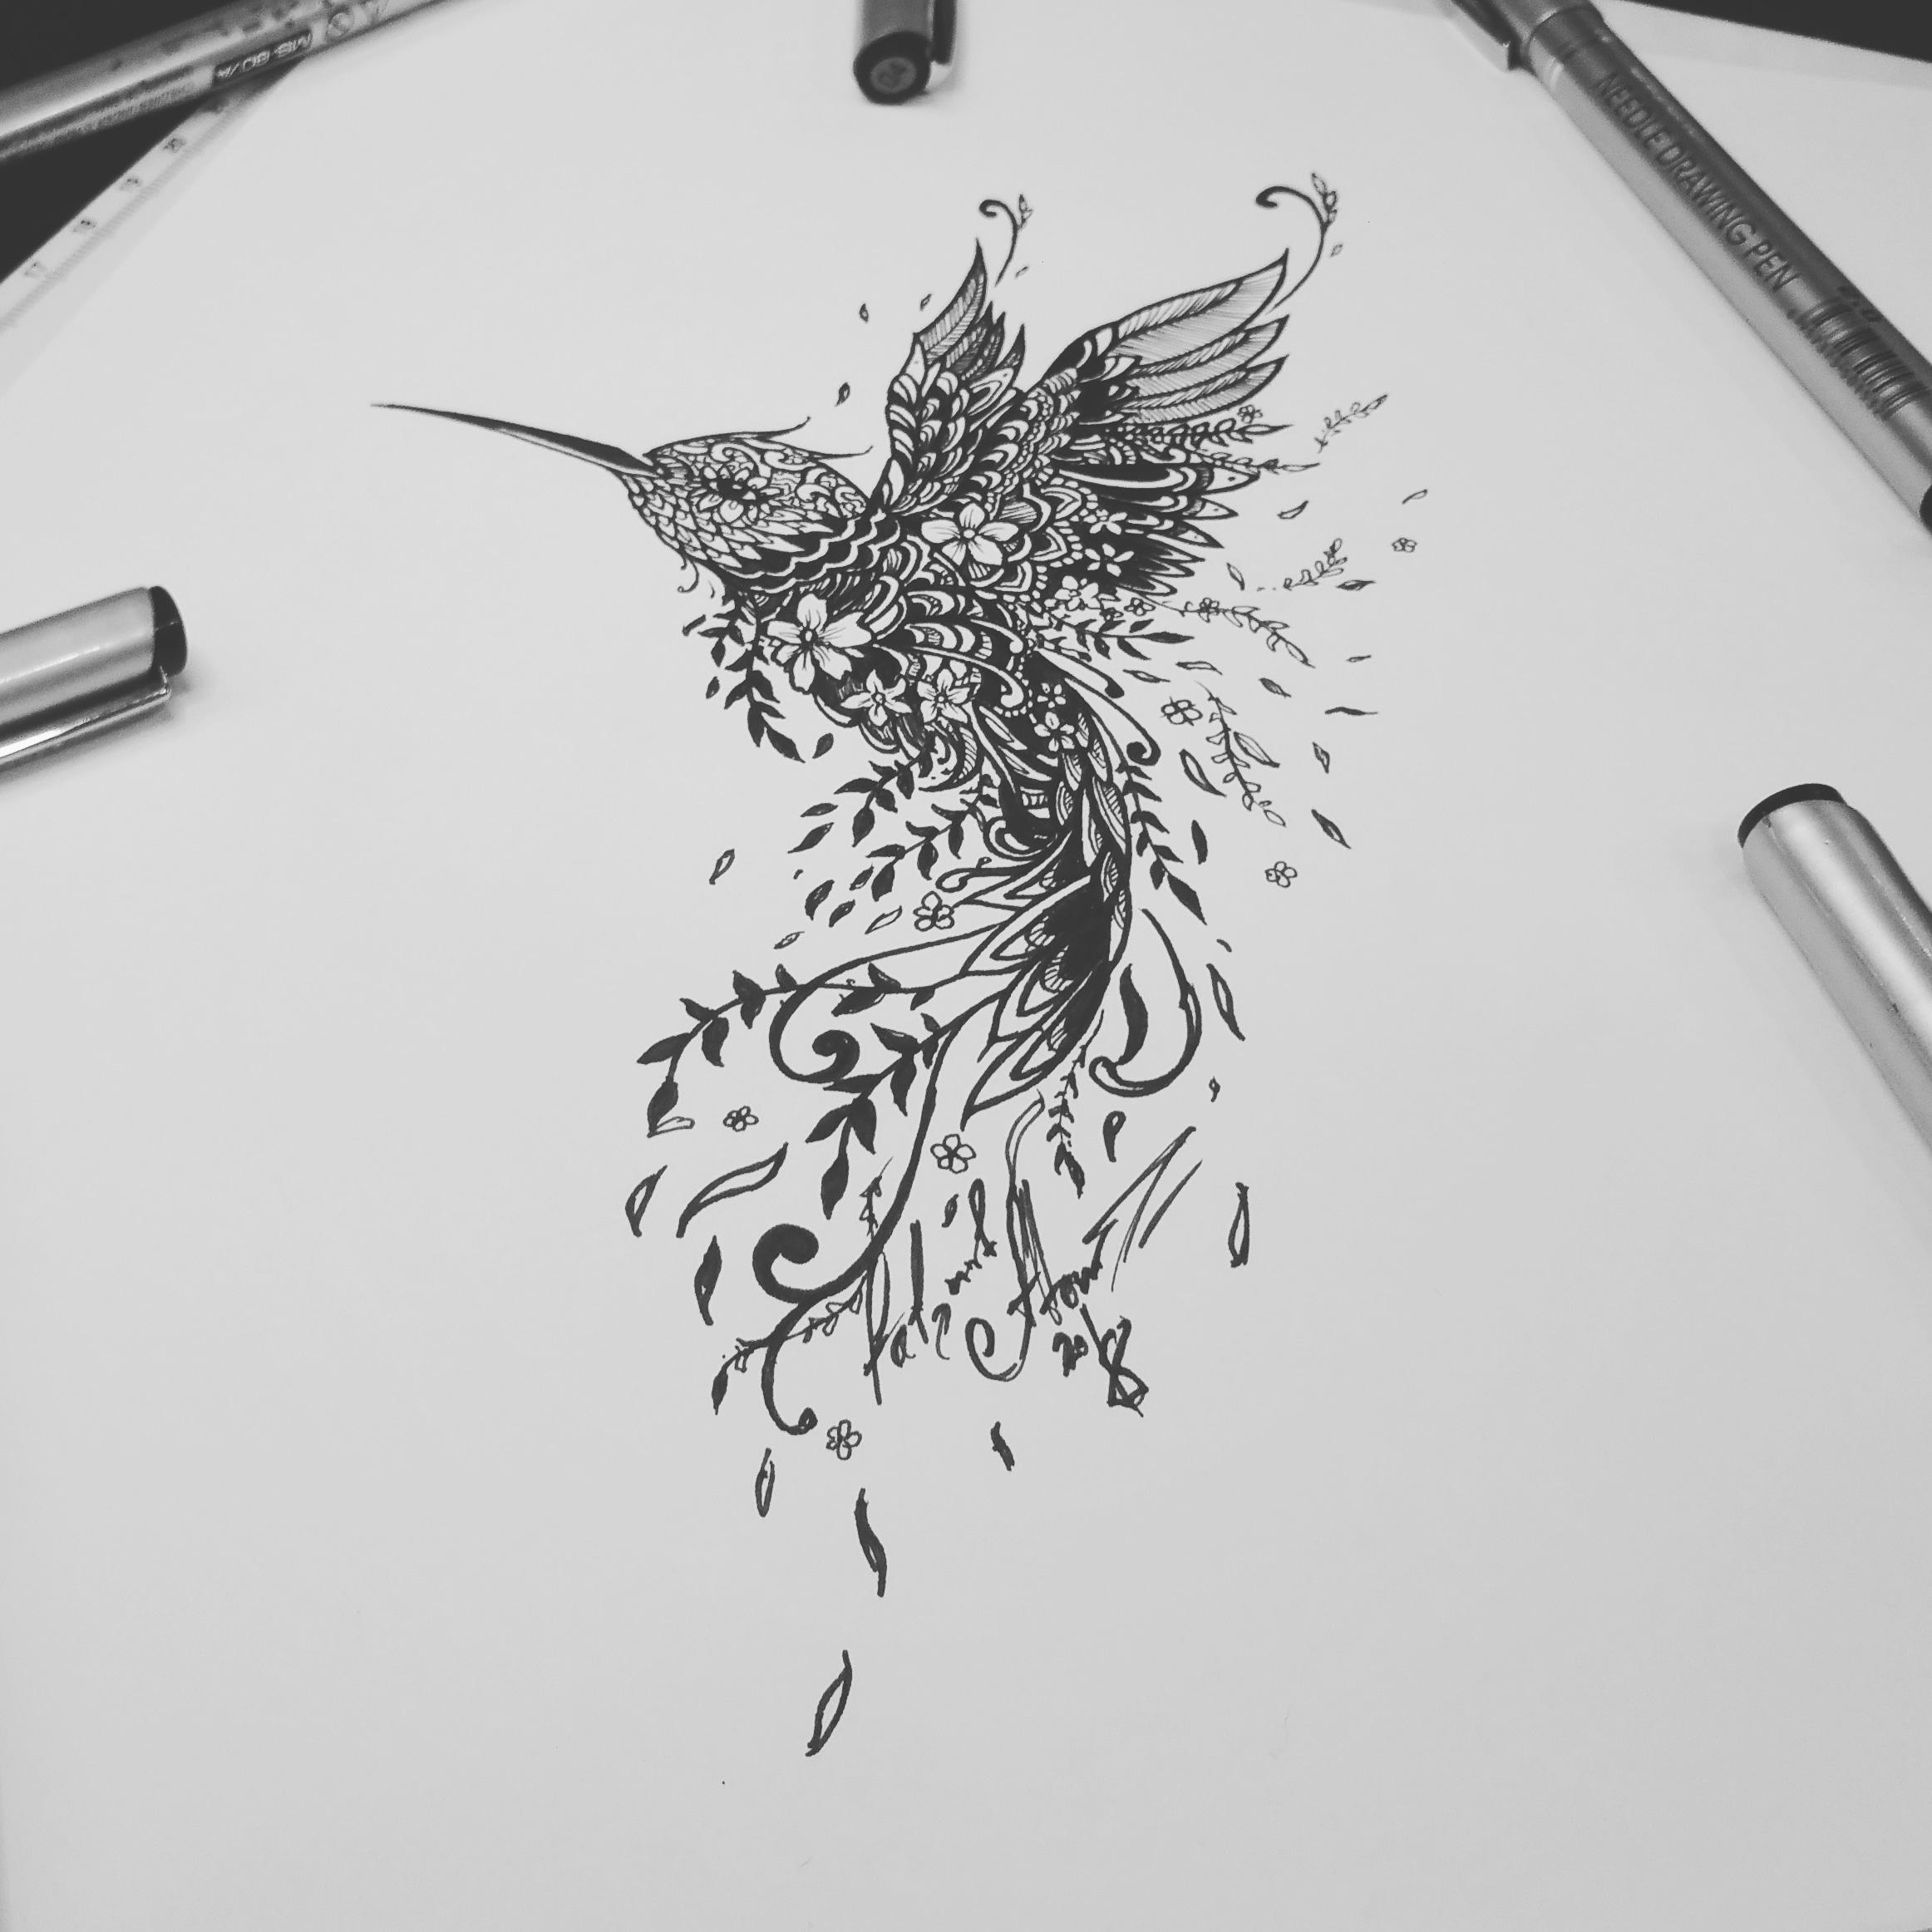 Тату эскиз колибри